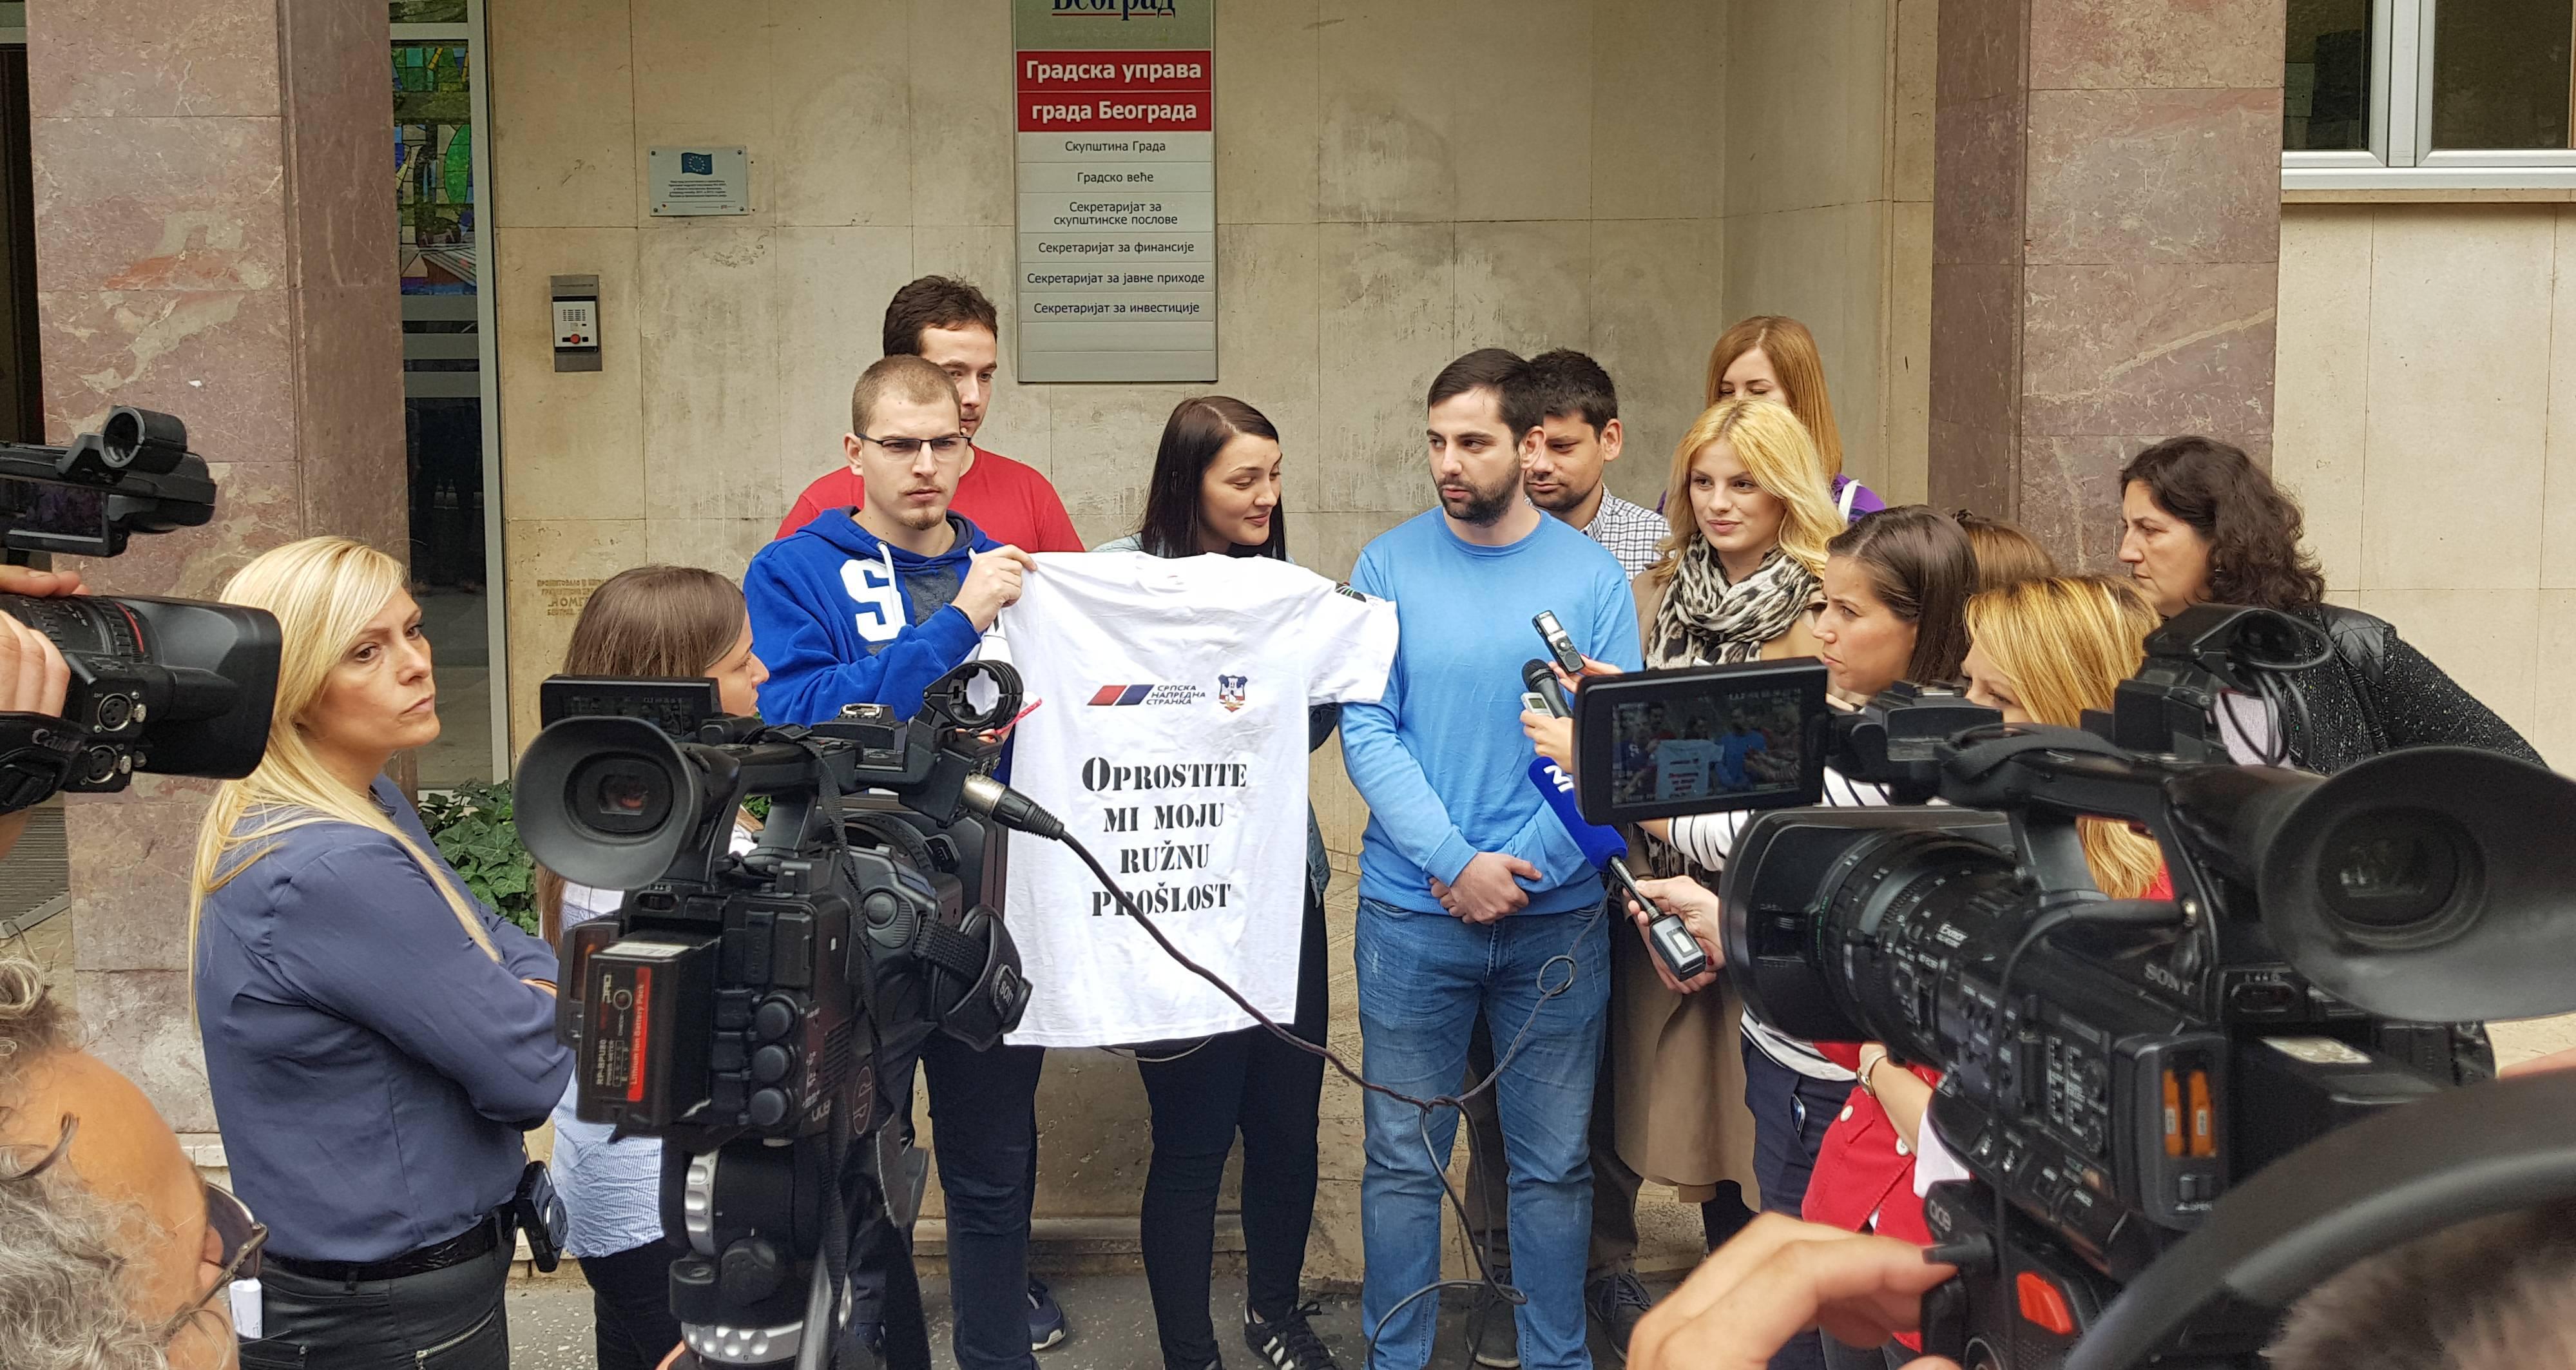 Акција Омладине Народне странке: Весић не може да побегне од своје биографије